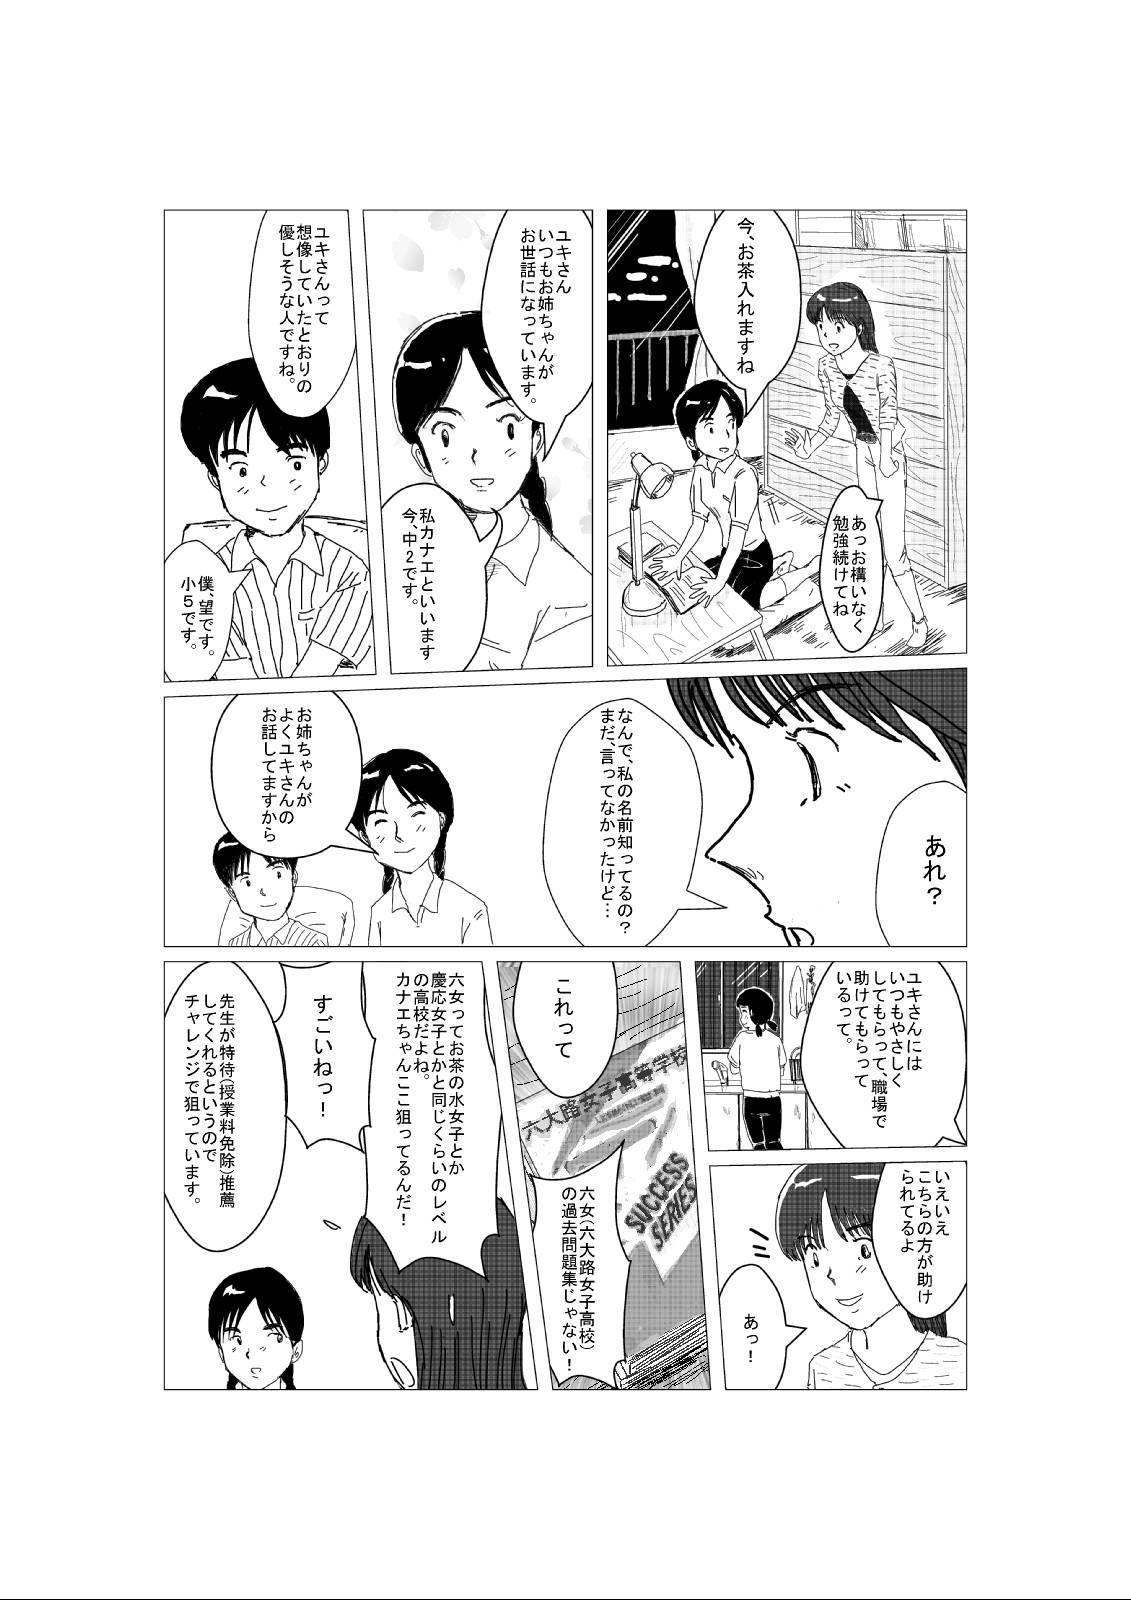 漫画25P 六女(六大路女子高等学校 過去問) さやえんどう21